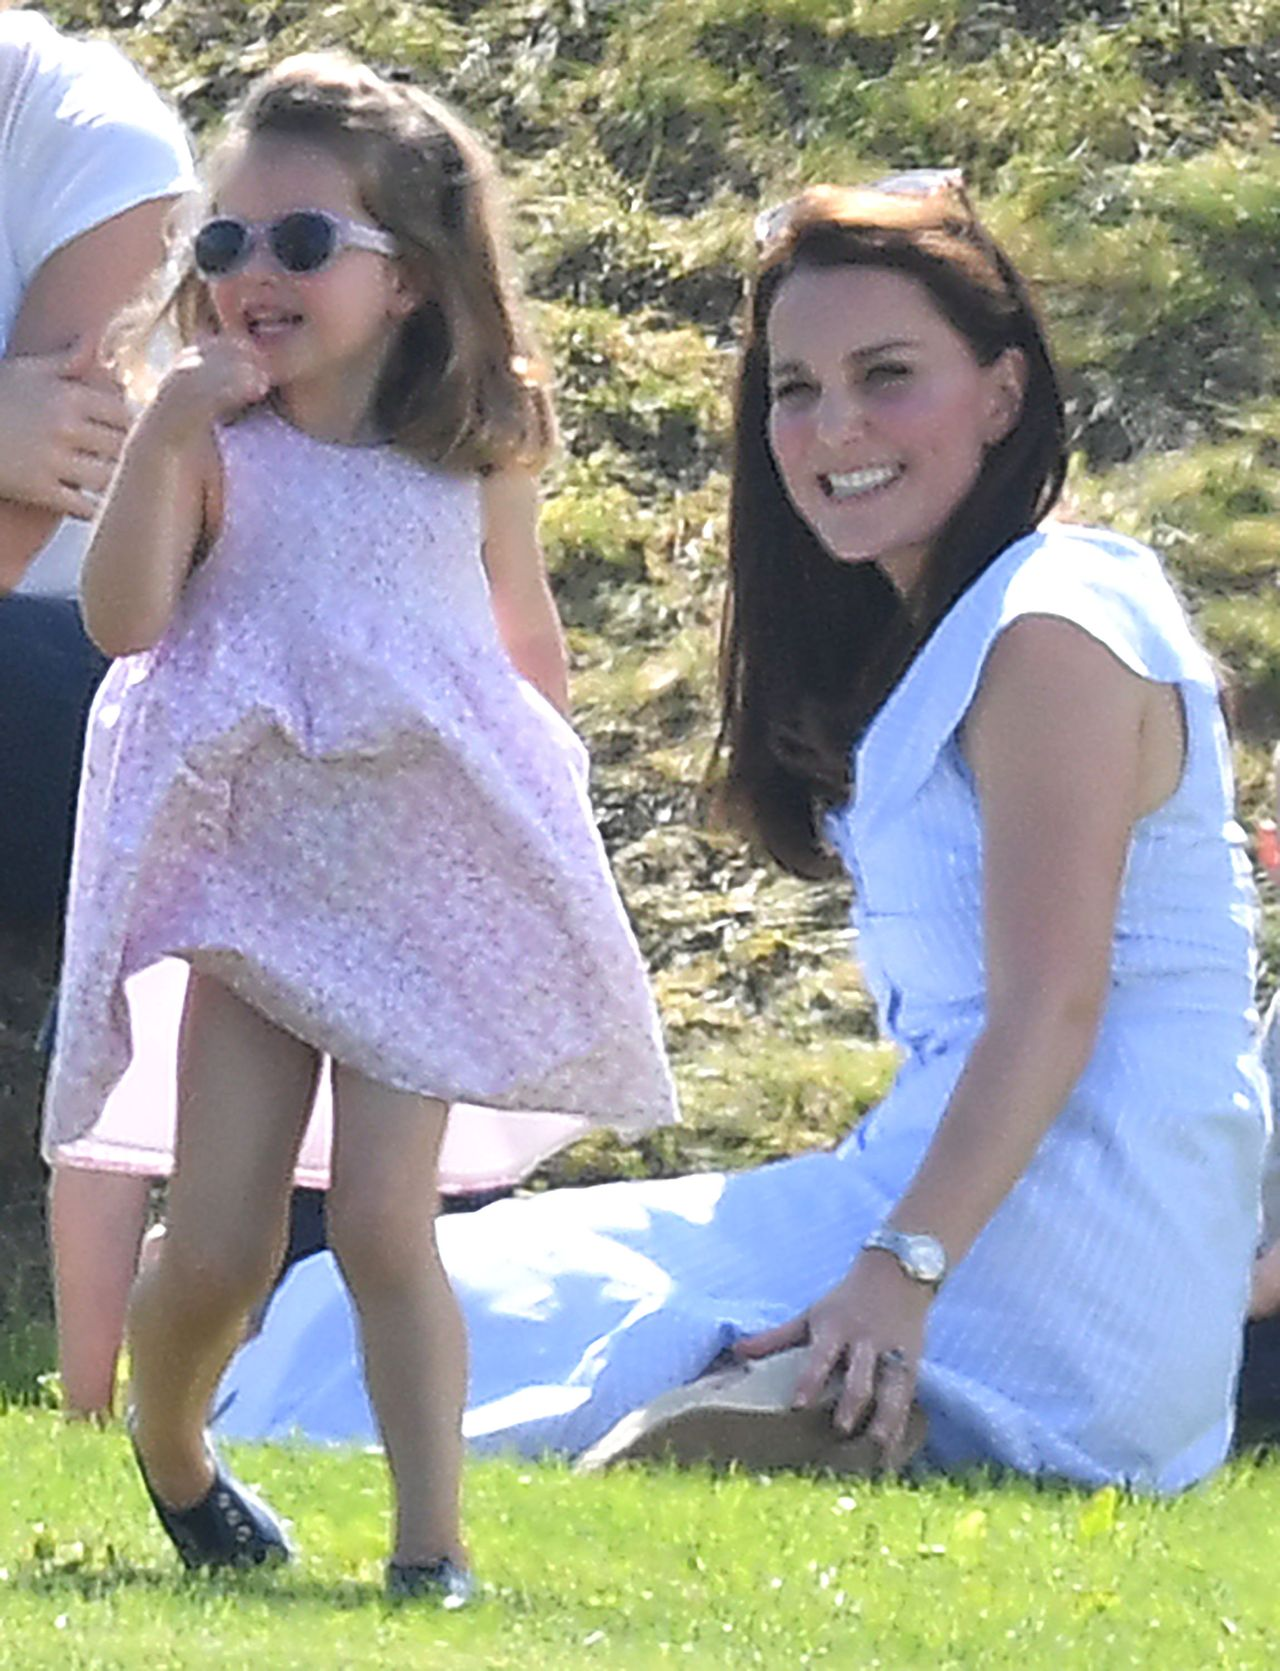 Księżniczka Charlotte ma nową pasję - poza tańcem lubi też...